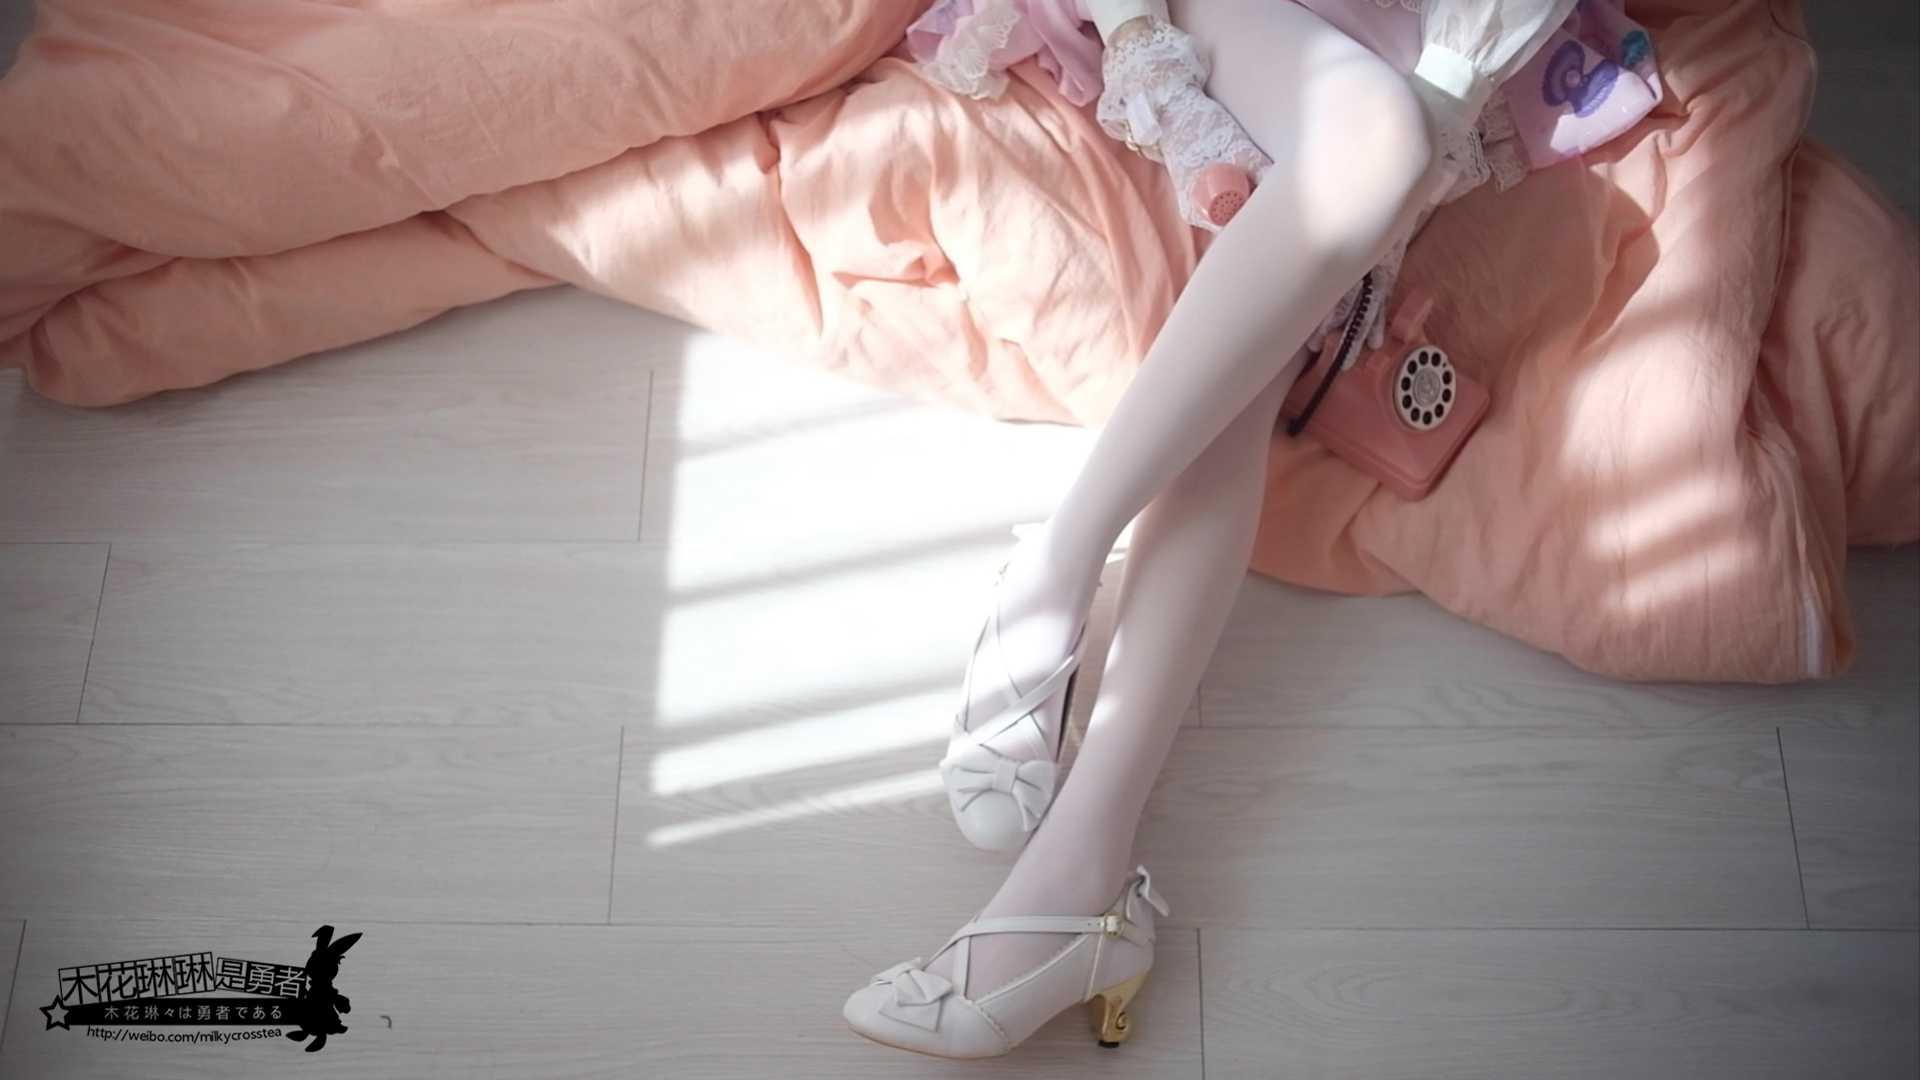 ⭐微博红人⭐木花琳琳是勇者@coser图片-勇者系列03【27P/3V/330MB】